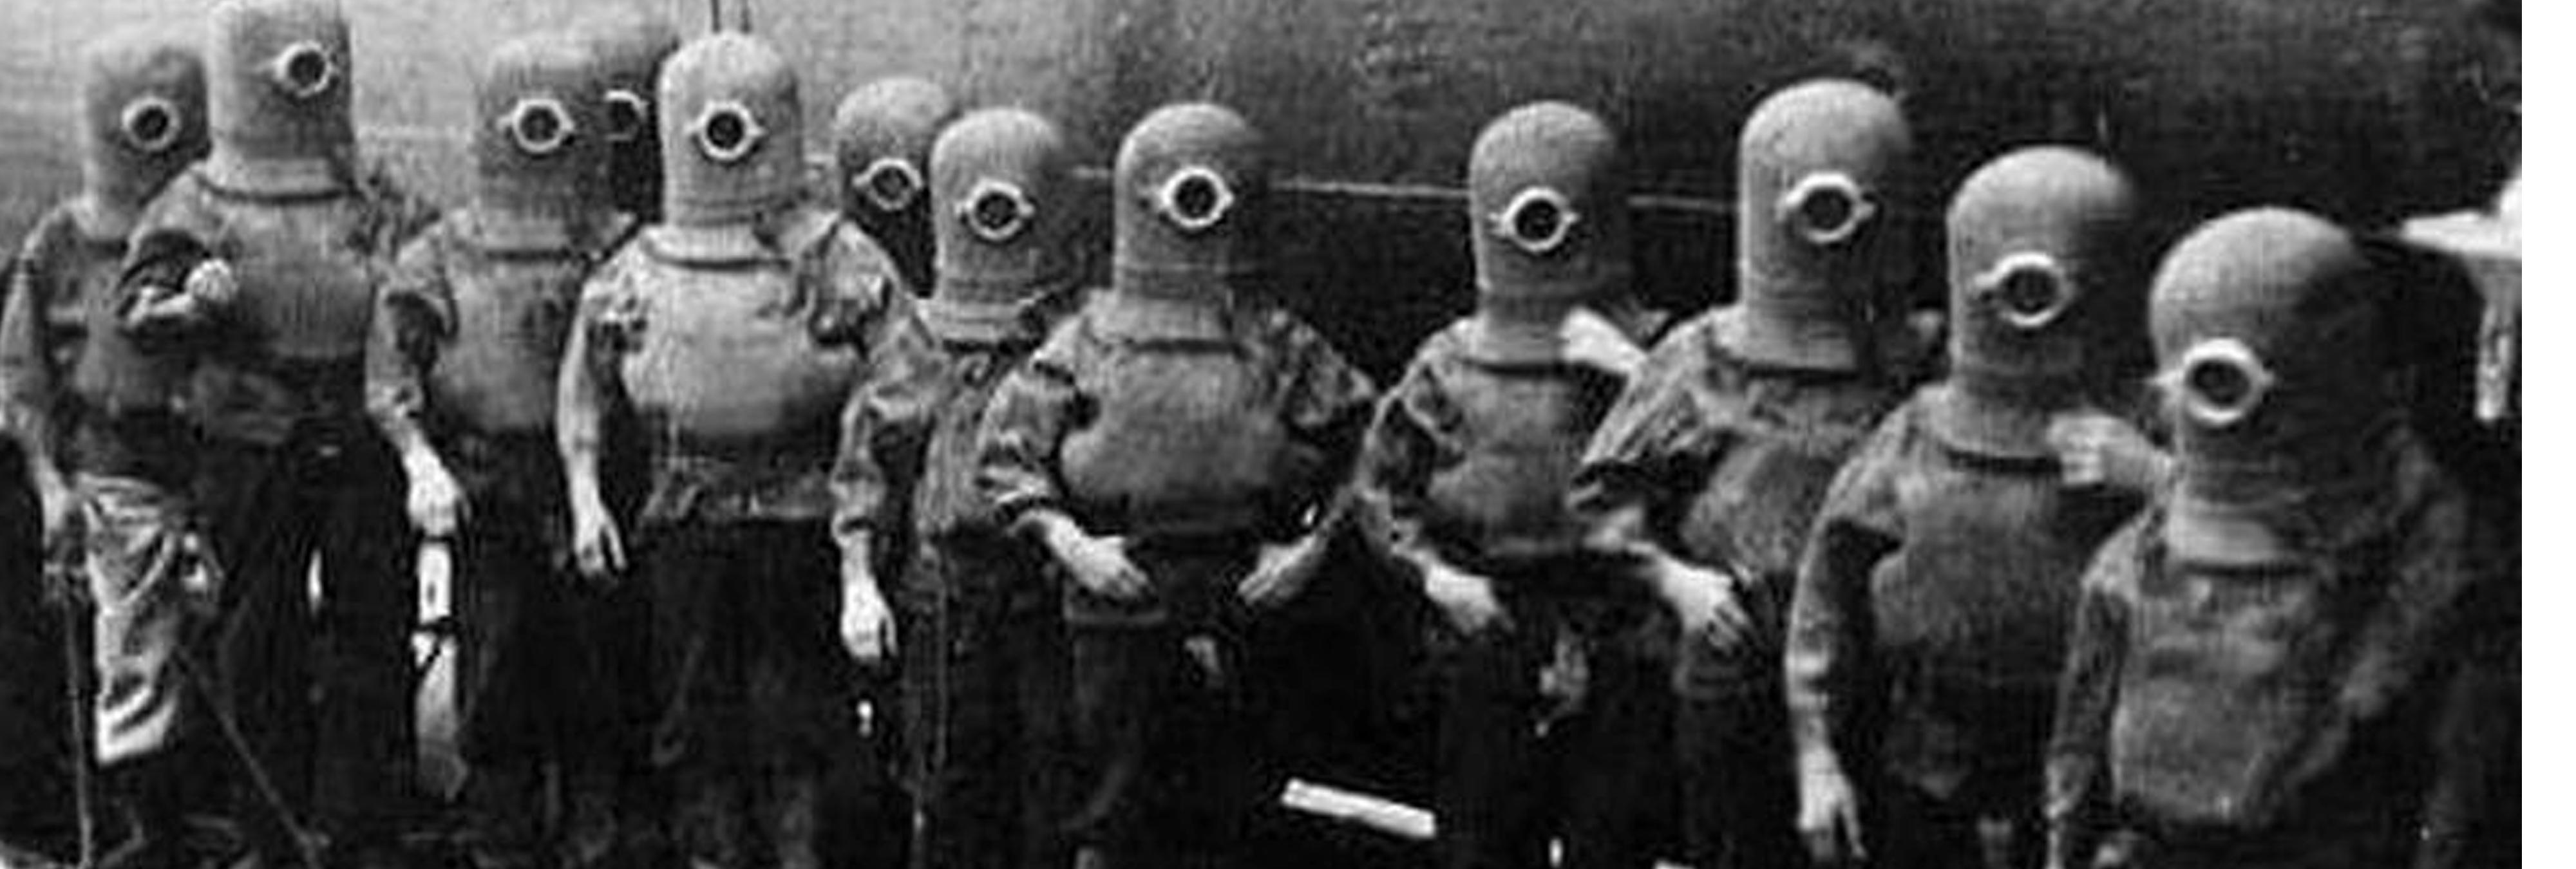 Los minions no son nazis: otra leyenda urbana más